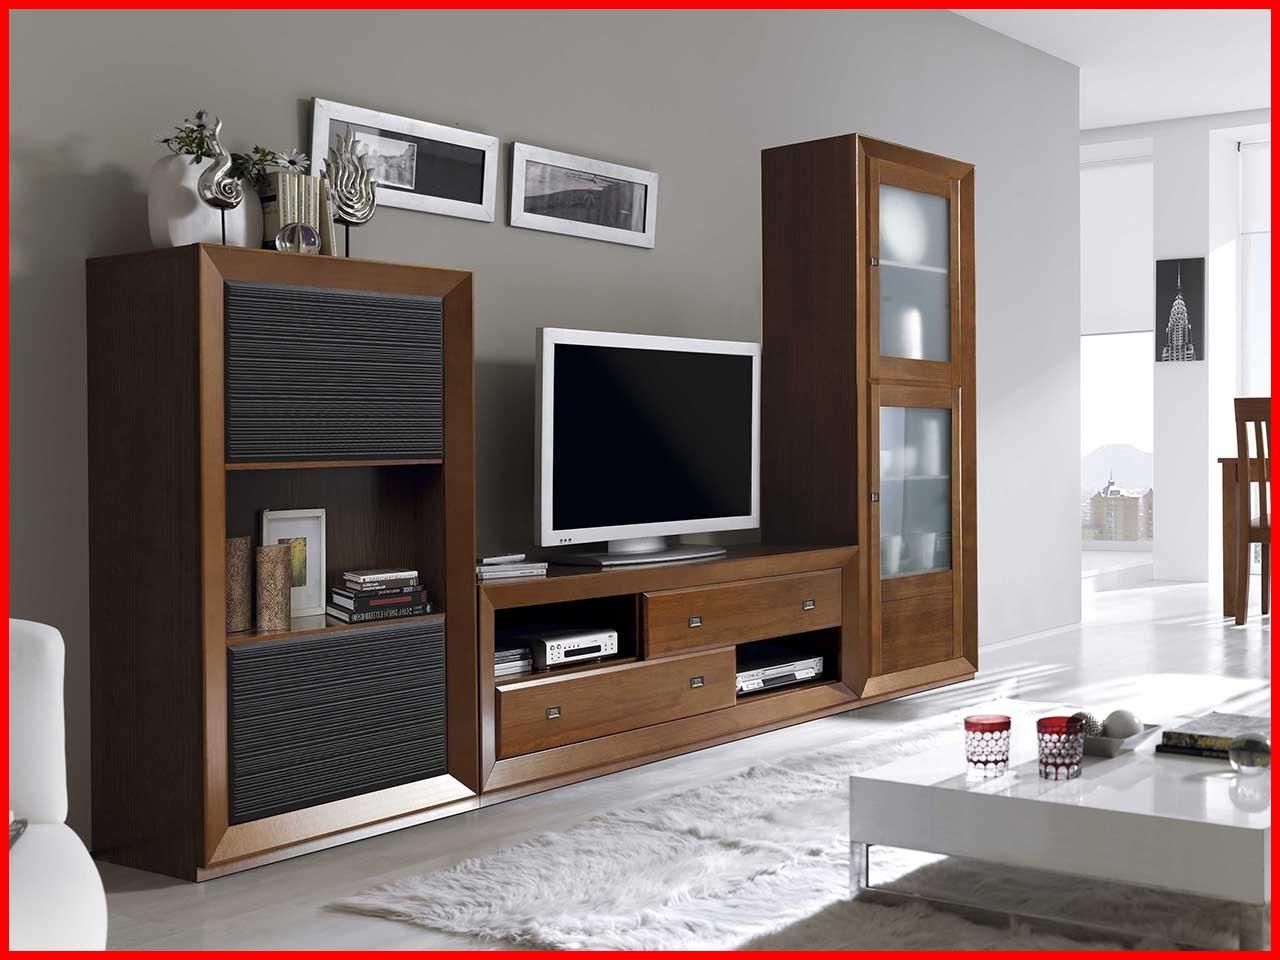 Muebles De Salon Modernos Y Baratos Y7du Prar Muebles Salon Salones